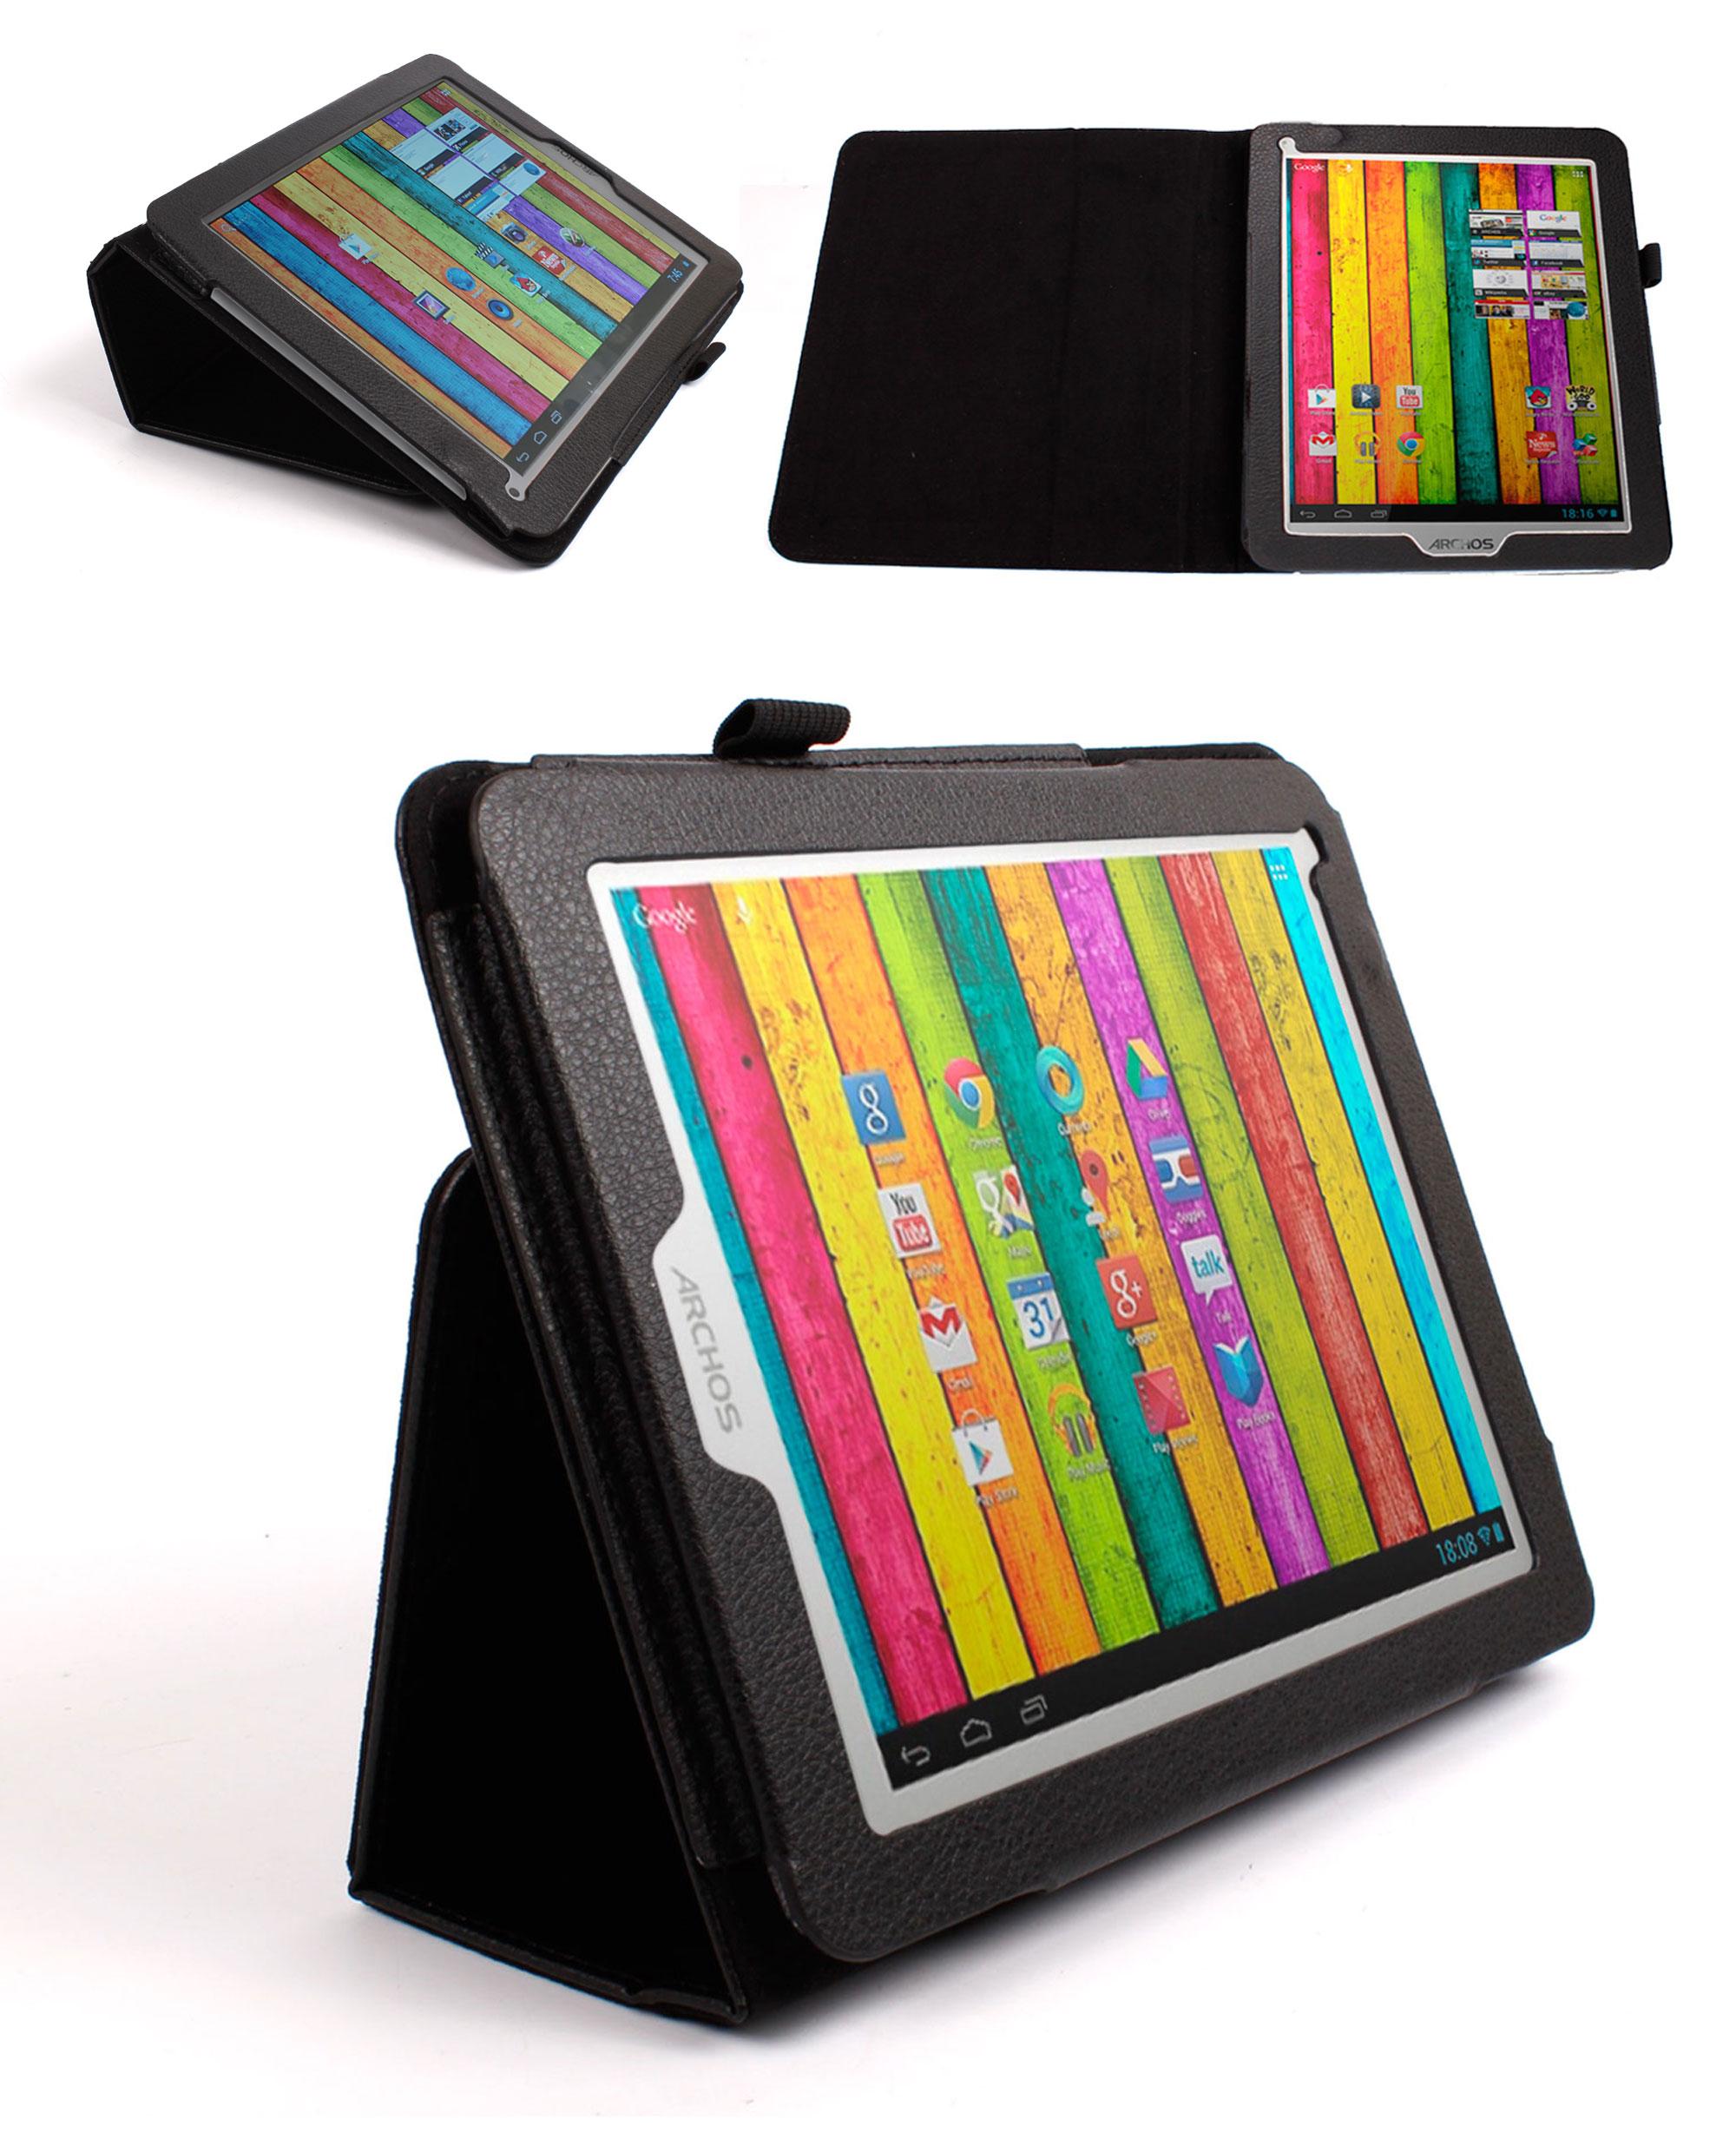 itm Etui noir pour Archos  Titanium tablette tactile pouces Android G WiFi